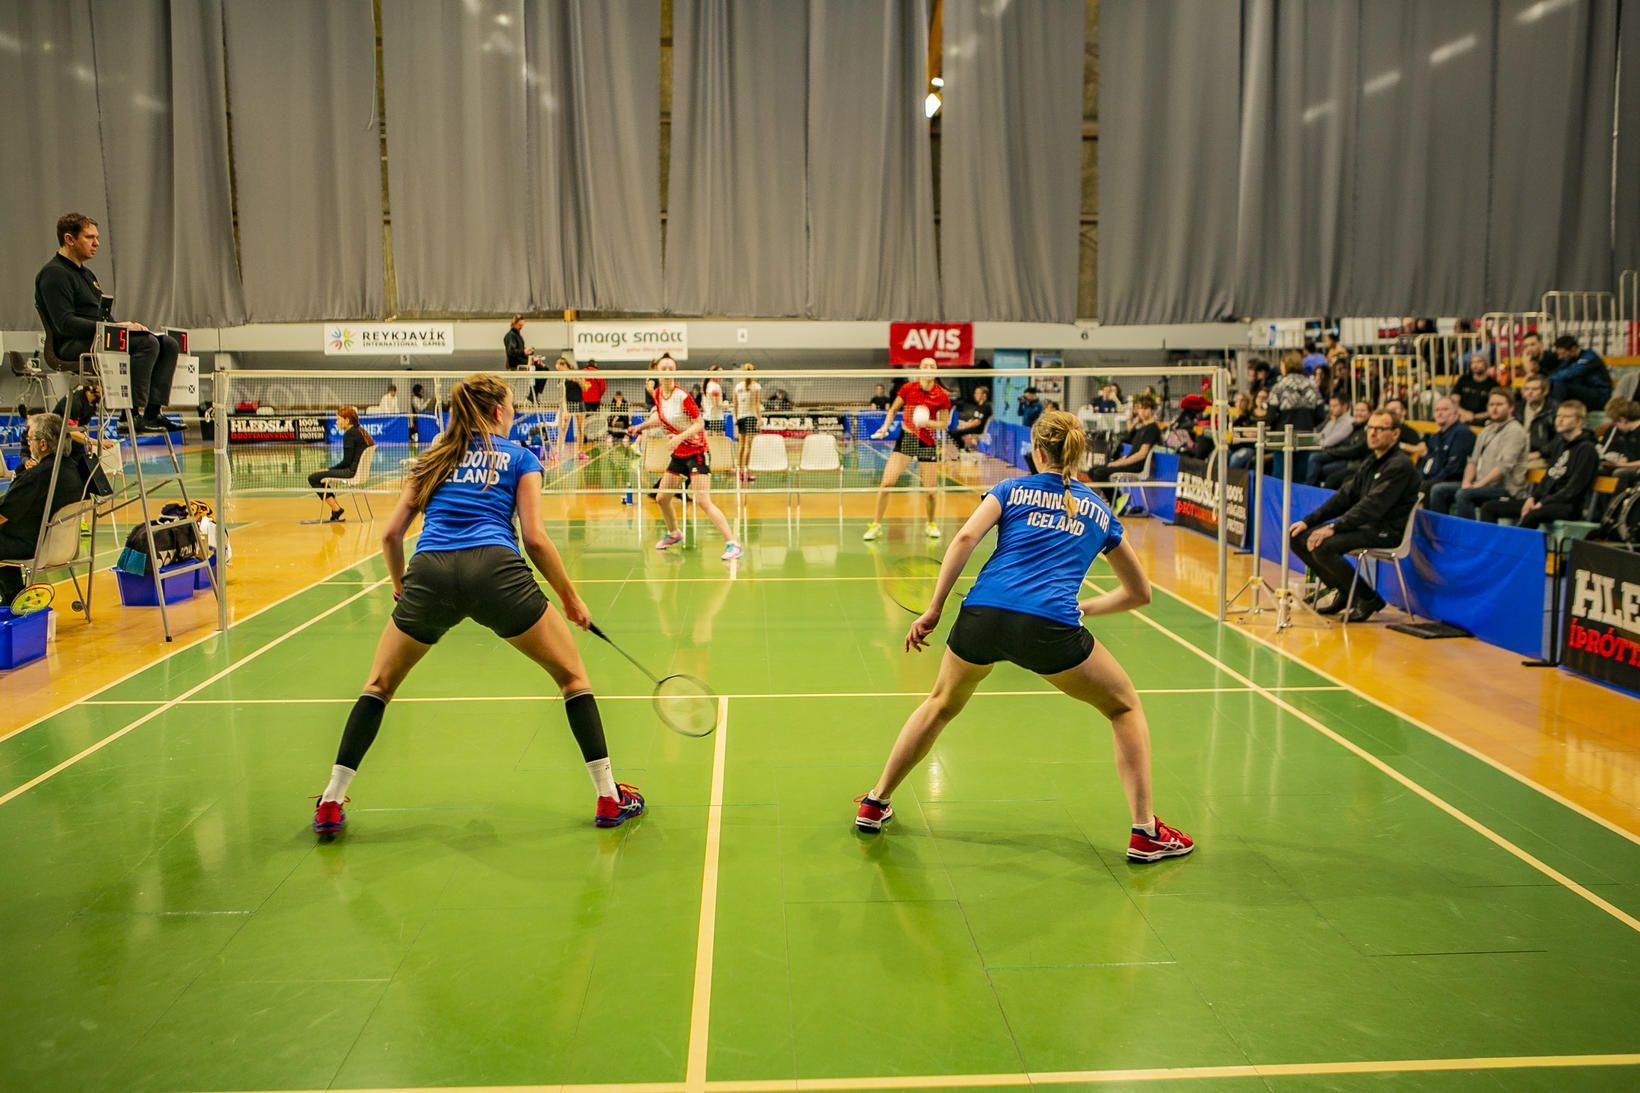 Keppni í badminton fer fram í TBR-húsunum við Gnoðarvog.